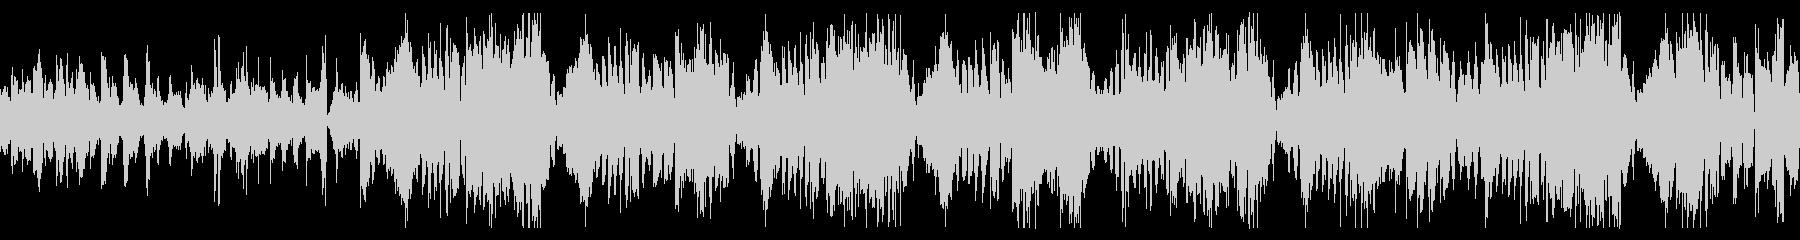 アグレッシブなダブステップ 30秒版の未再生の波形